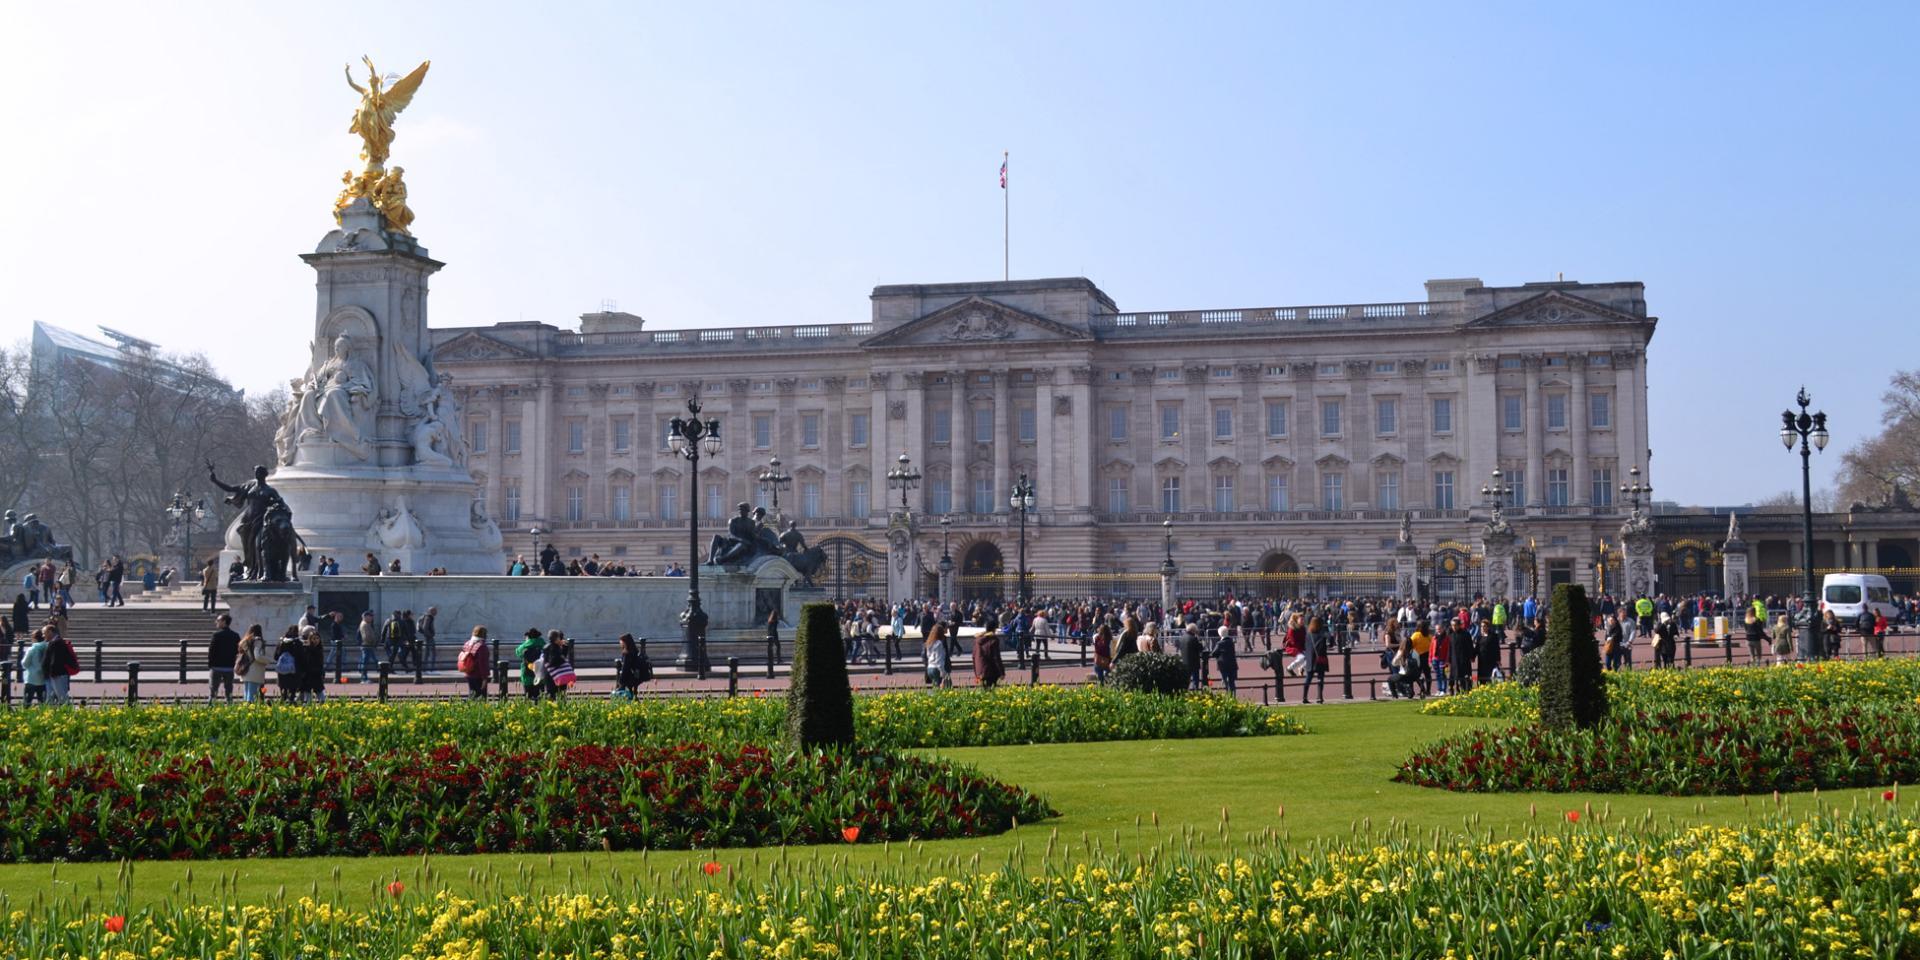 Que hacer en Londres en 3 días?